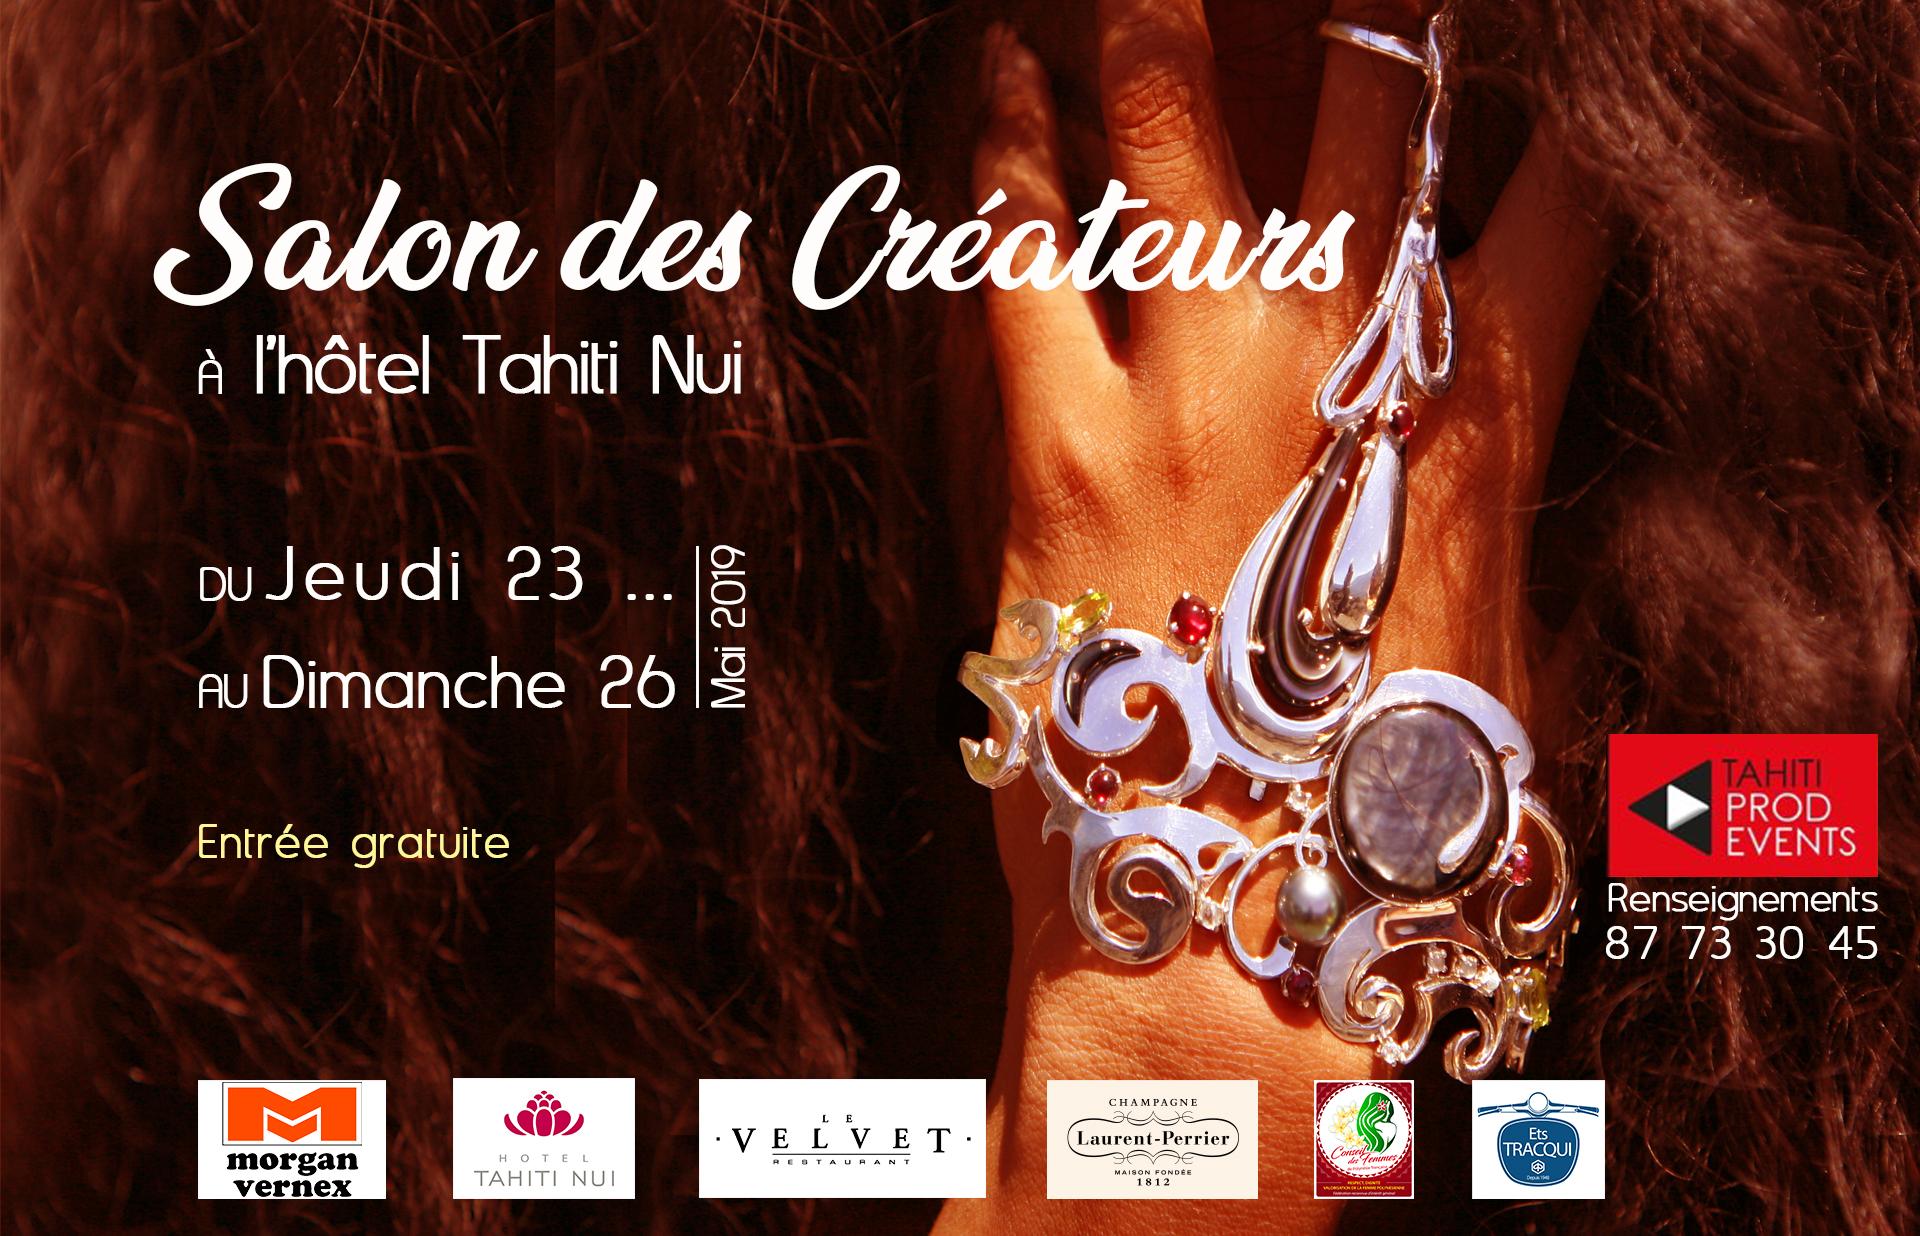 Le Salon des créateurs du 23 au 26 mai